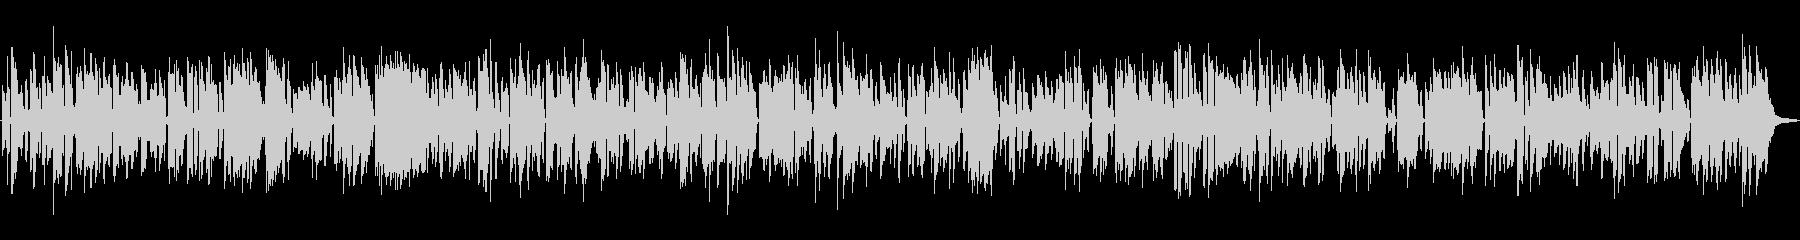 レトロで古めかしいほのぼのオールドジャズの未再生の波形